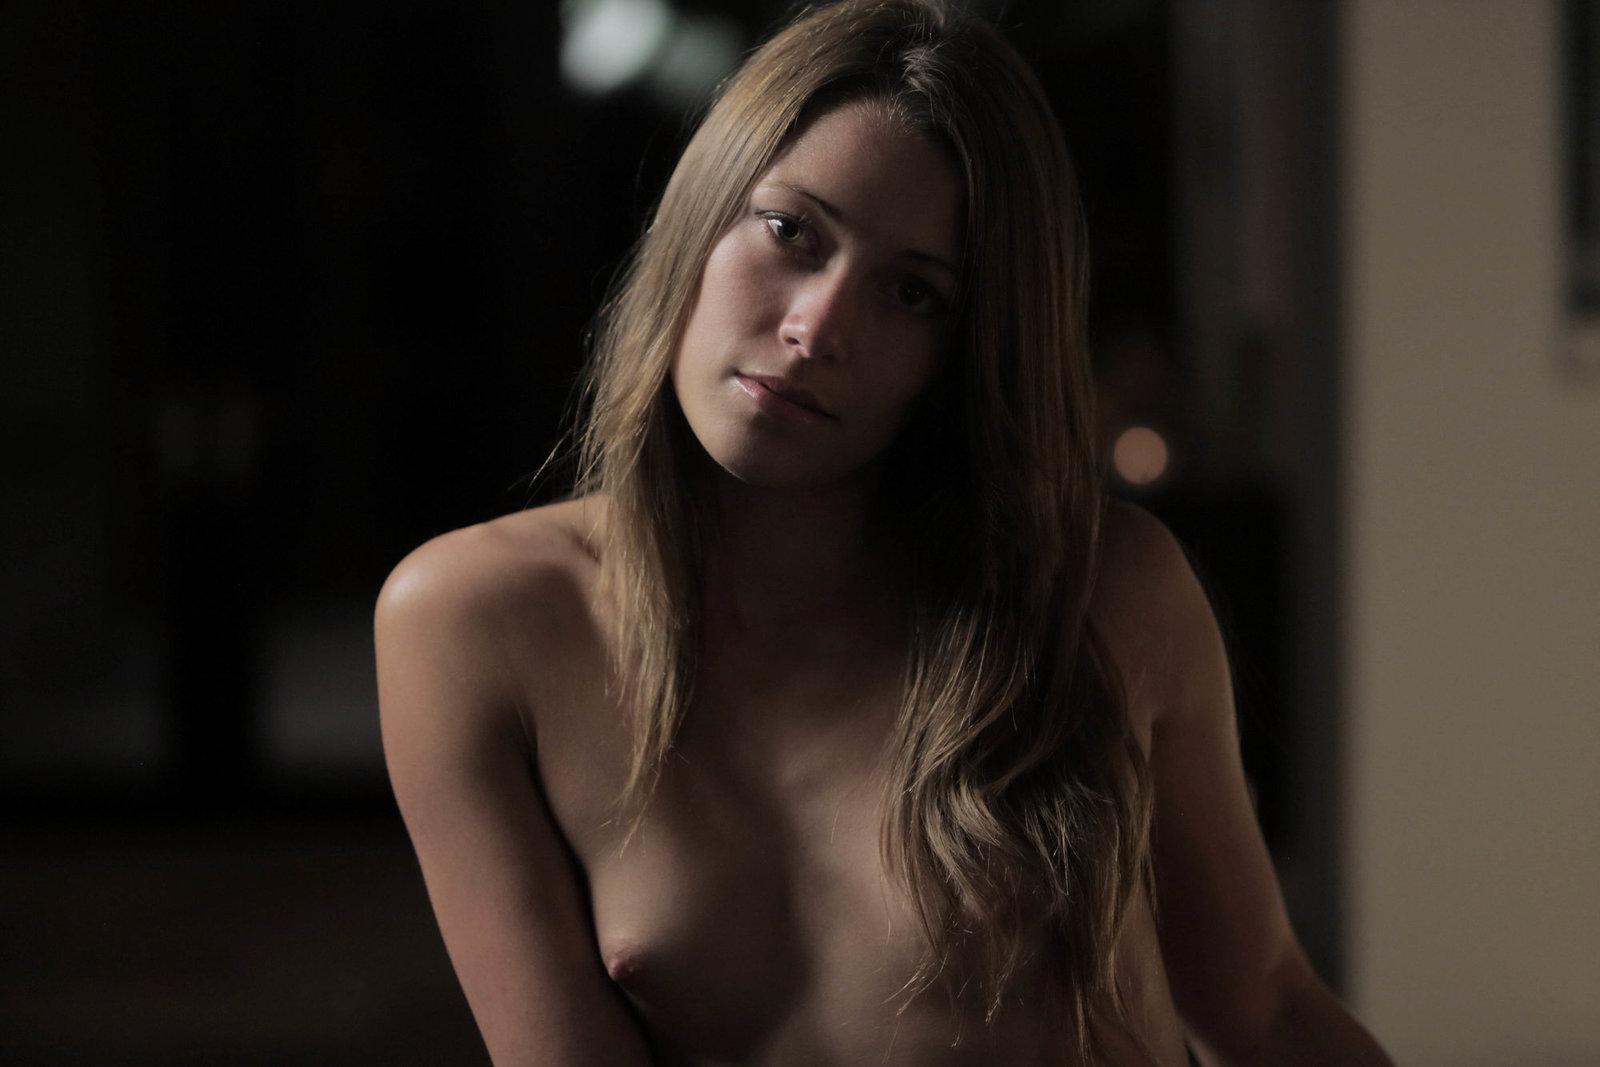 Kirsten dunn naked